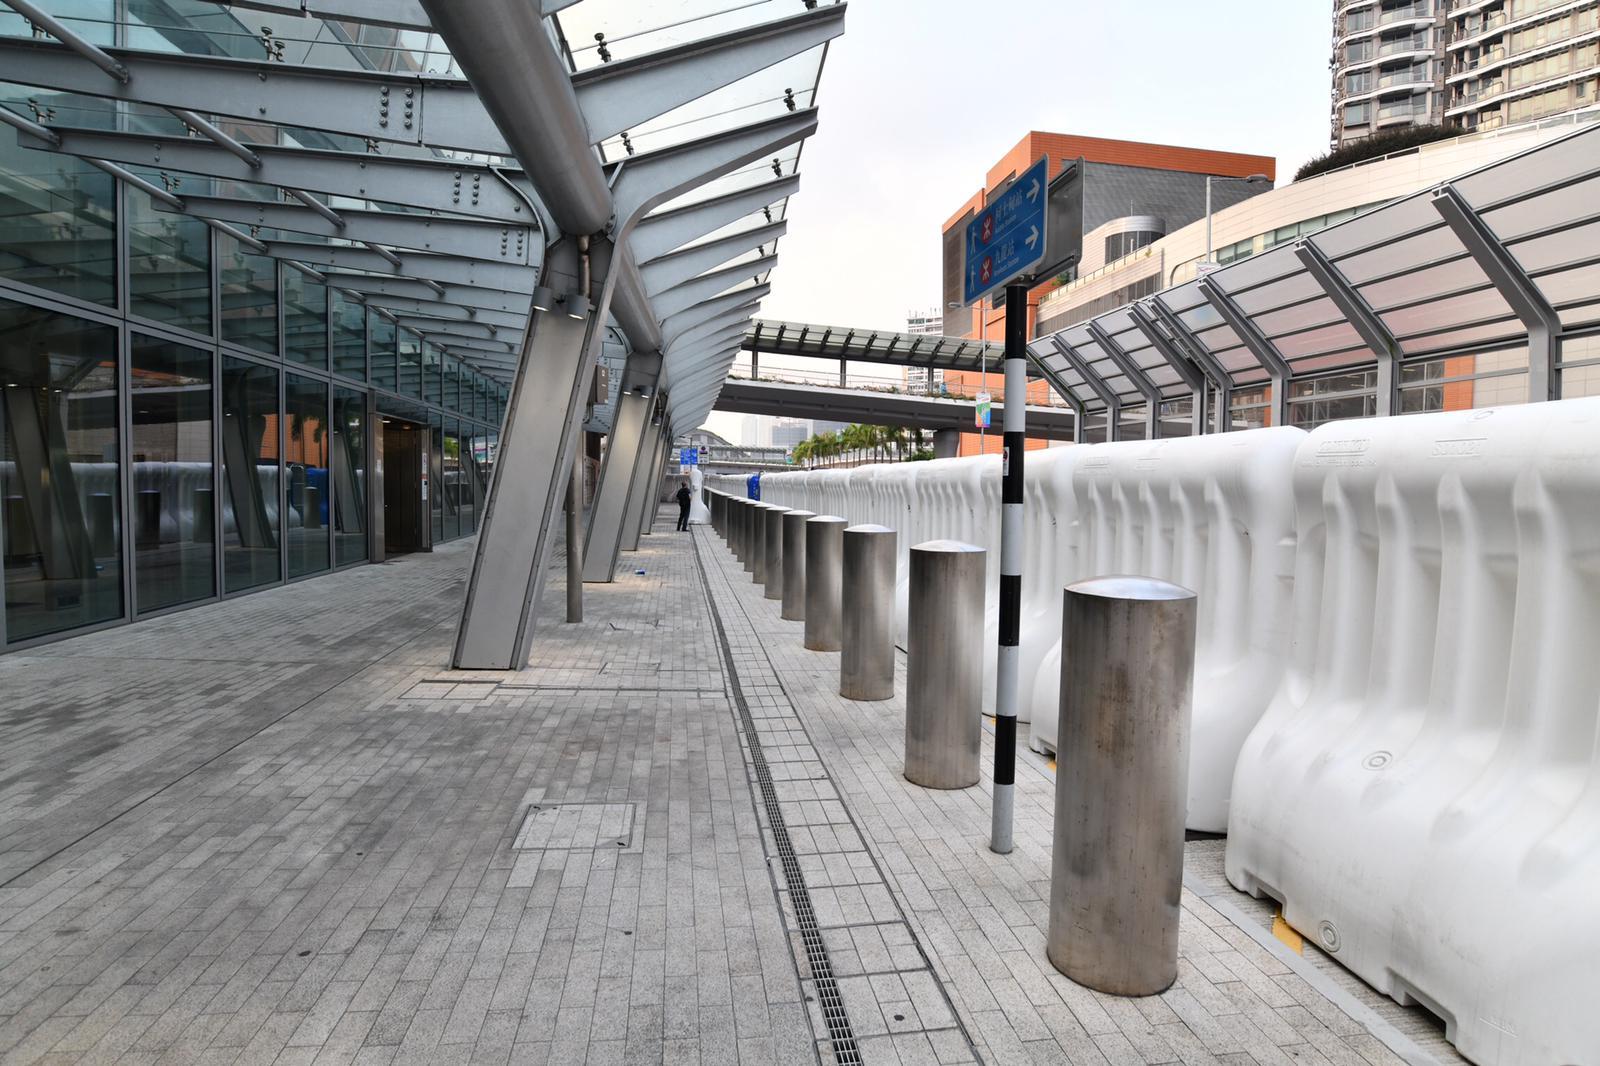 高铁西九龙站加强保安 架设大型水马及铁闸